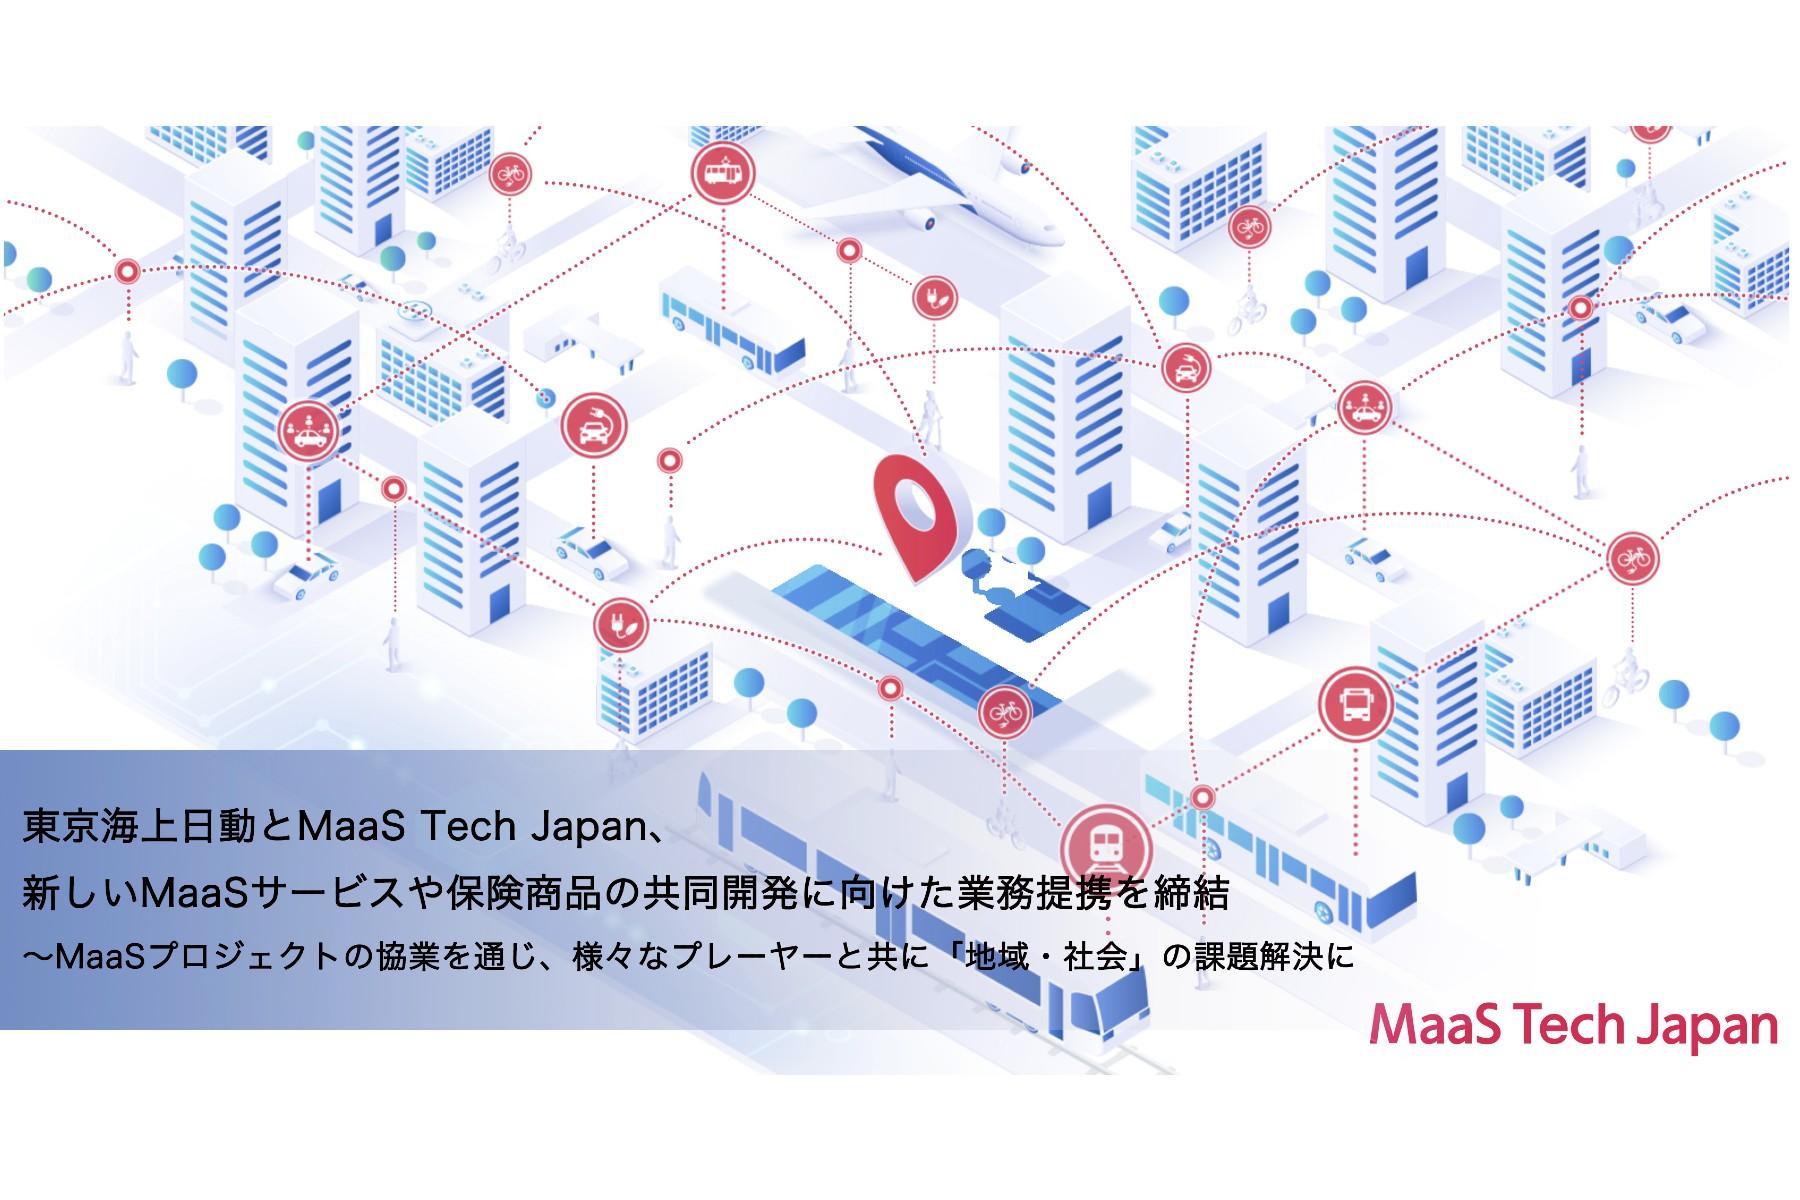 東京海上日動×MaaS Tech Japan | 新しいMaaSサービスや保険商品の共同開発に向けた業務提携を締結